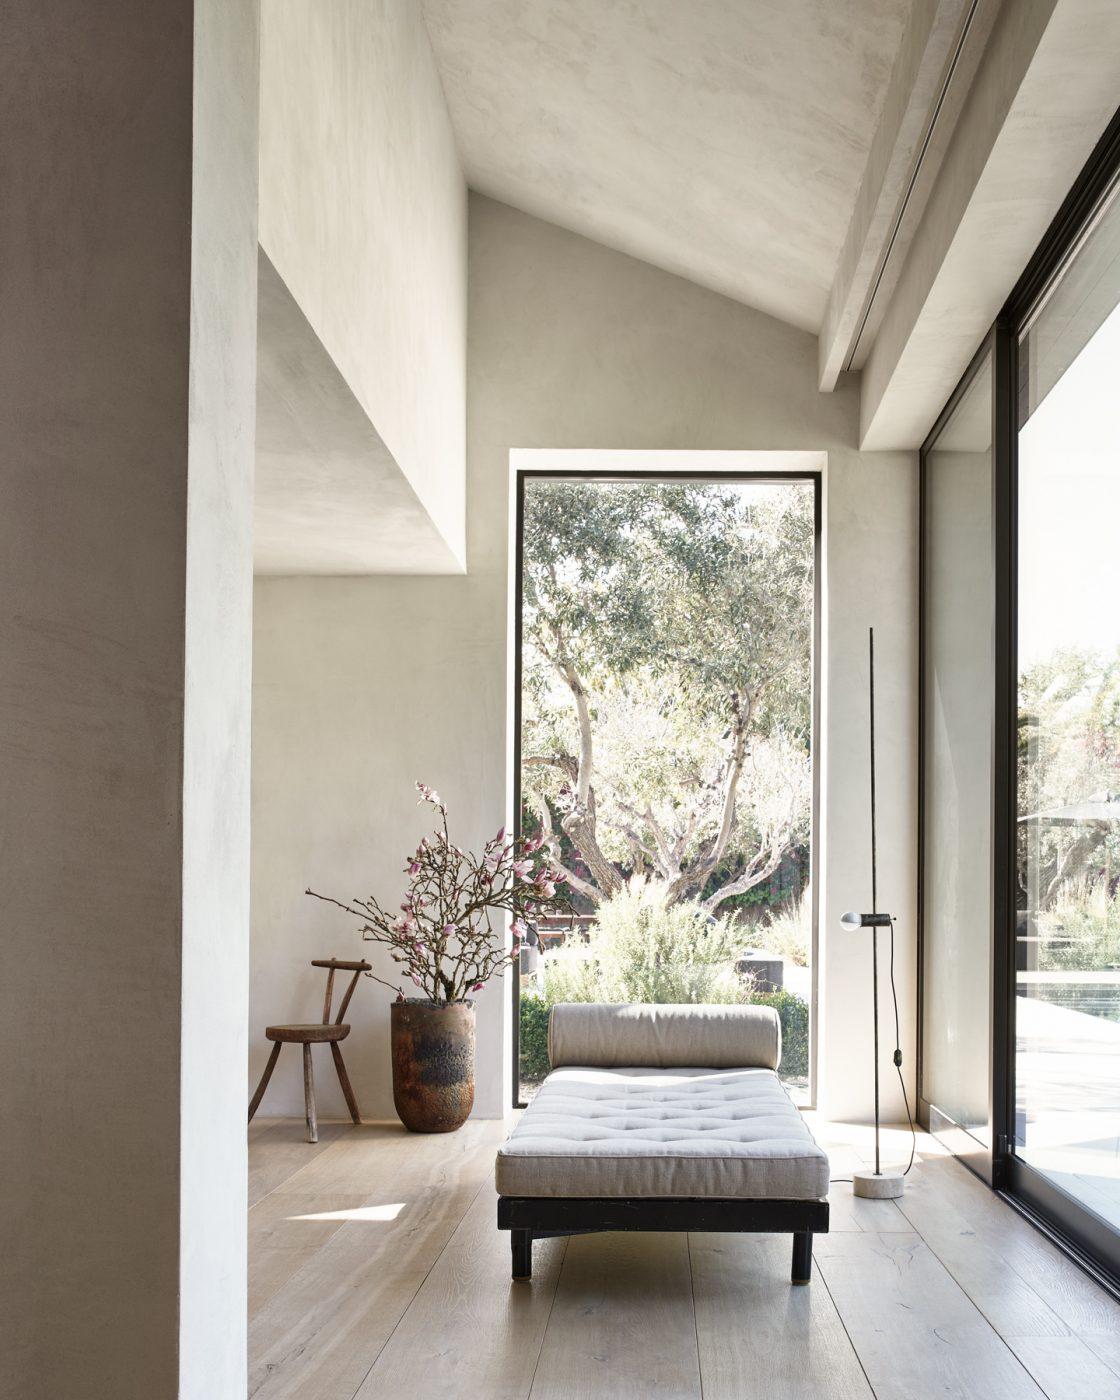 Sitting area in a Malibu home